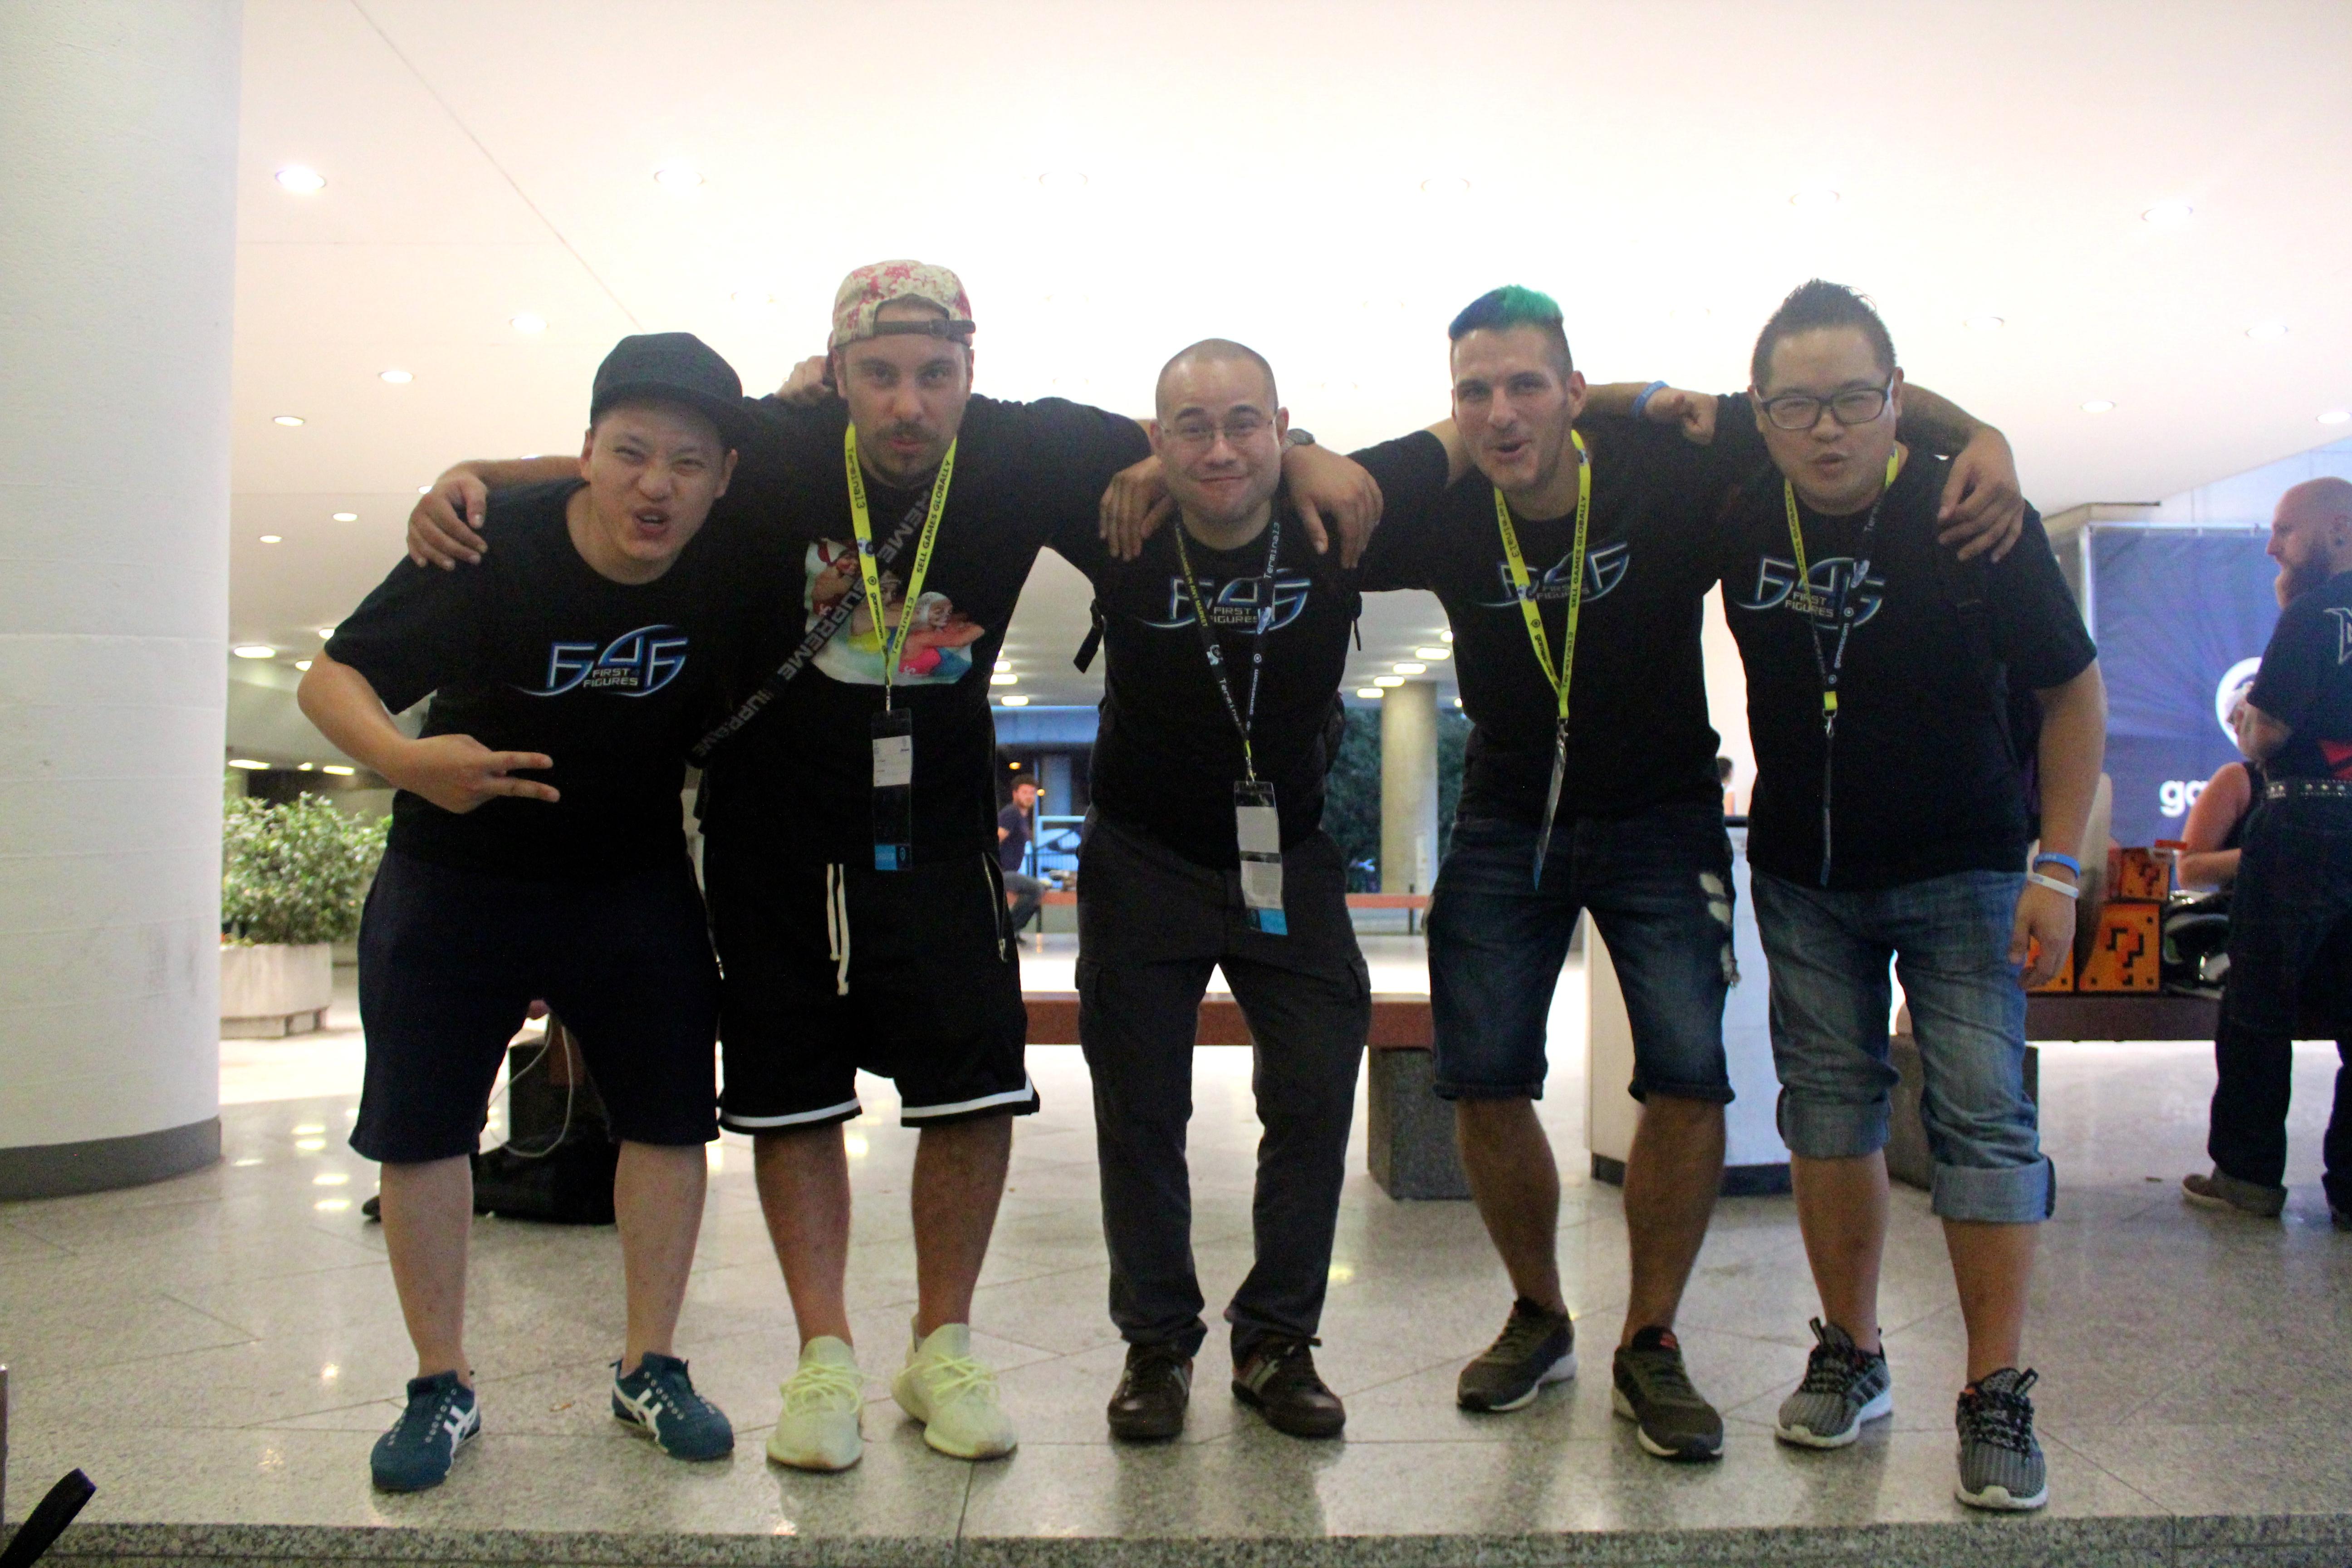 Day 2 Crew!